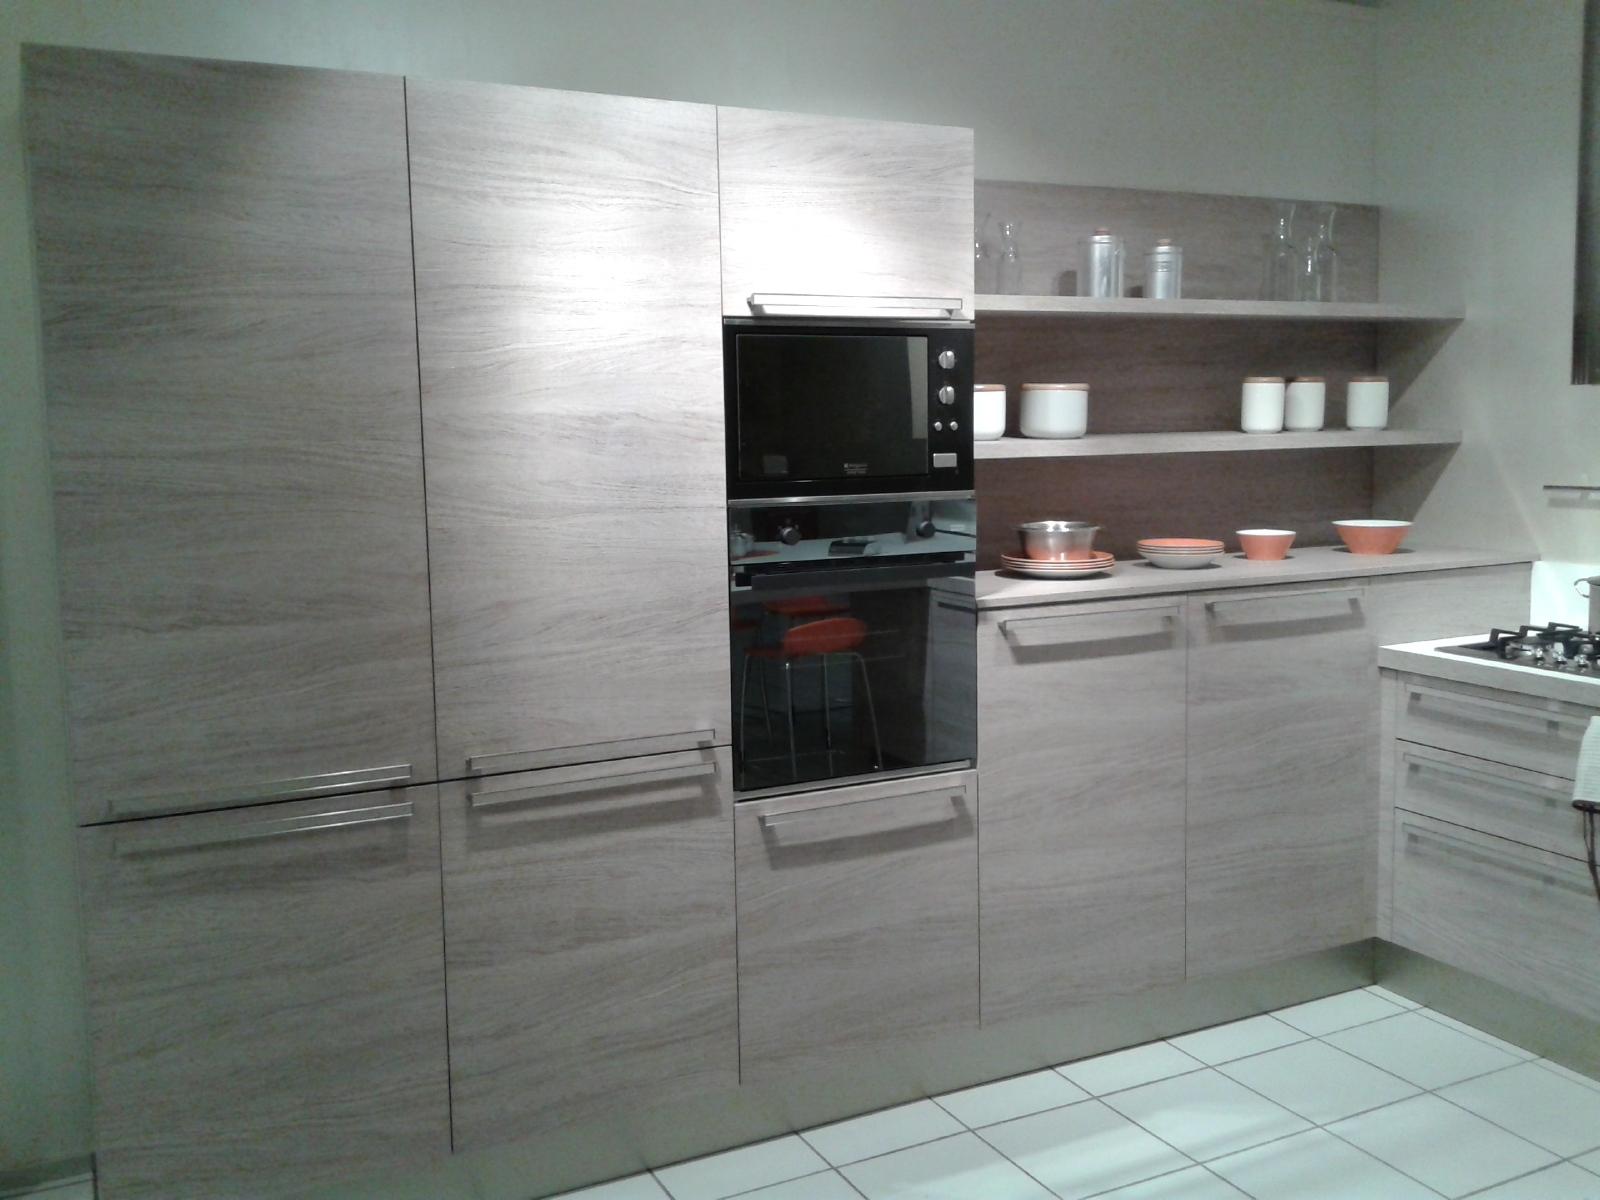 Cucina veneta cucine ethica decorativo laminato materico - Veneta cucine ethica ...